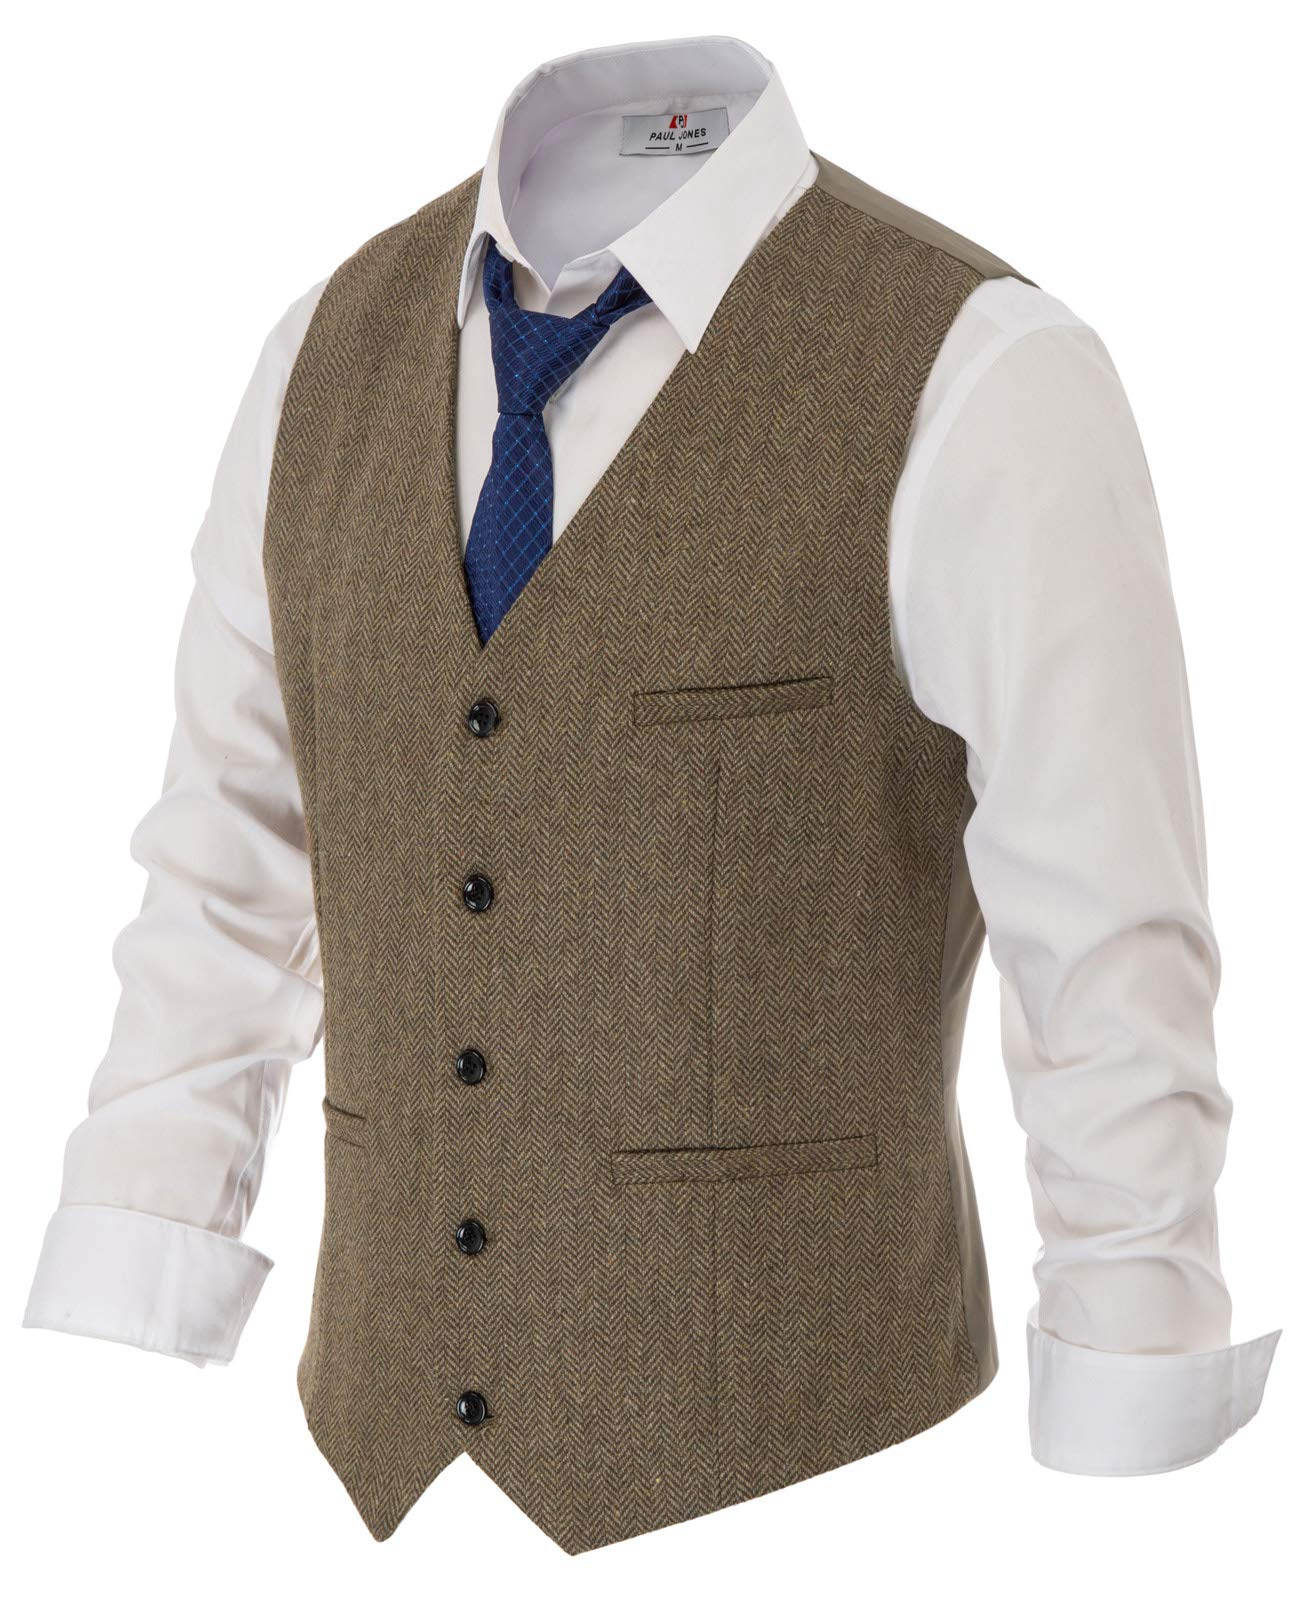 Mens Tweed Vest Premium Wool Blend Herringbone Wedding Vest 2XL Light Coffee by PAUL JONES